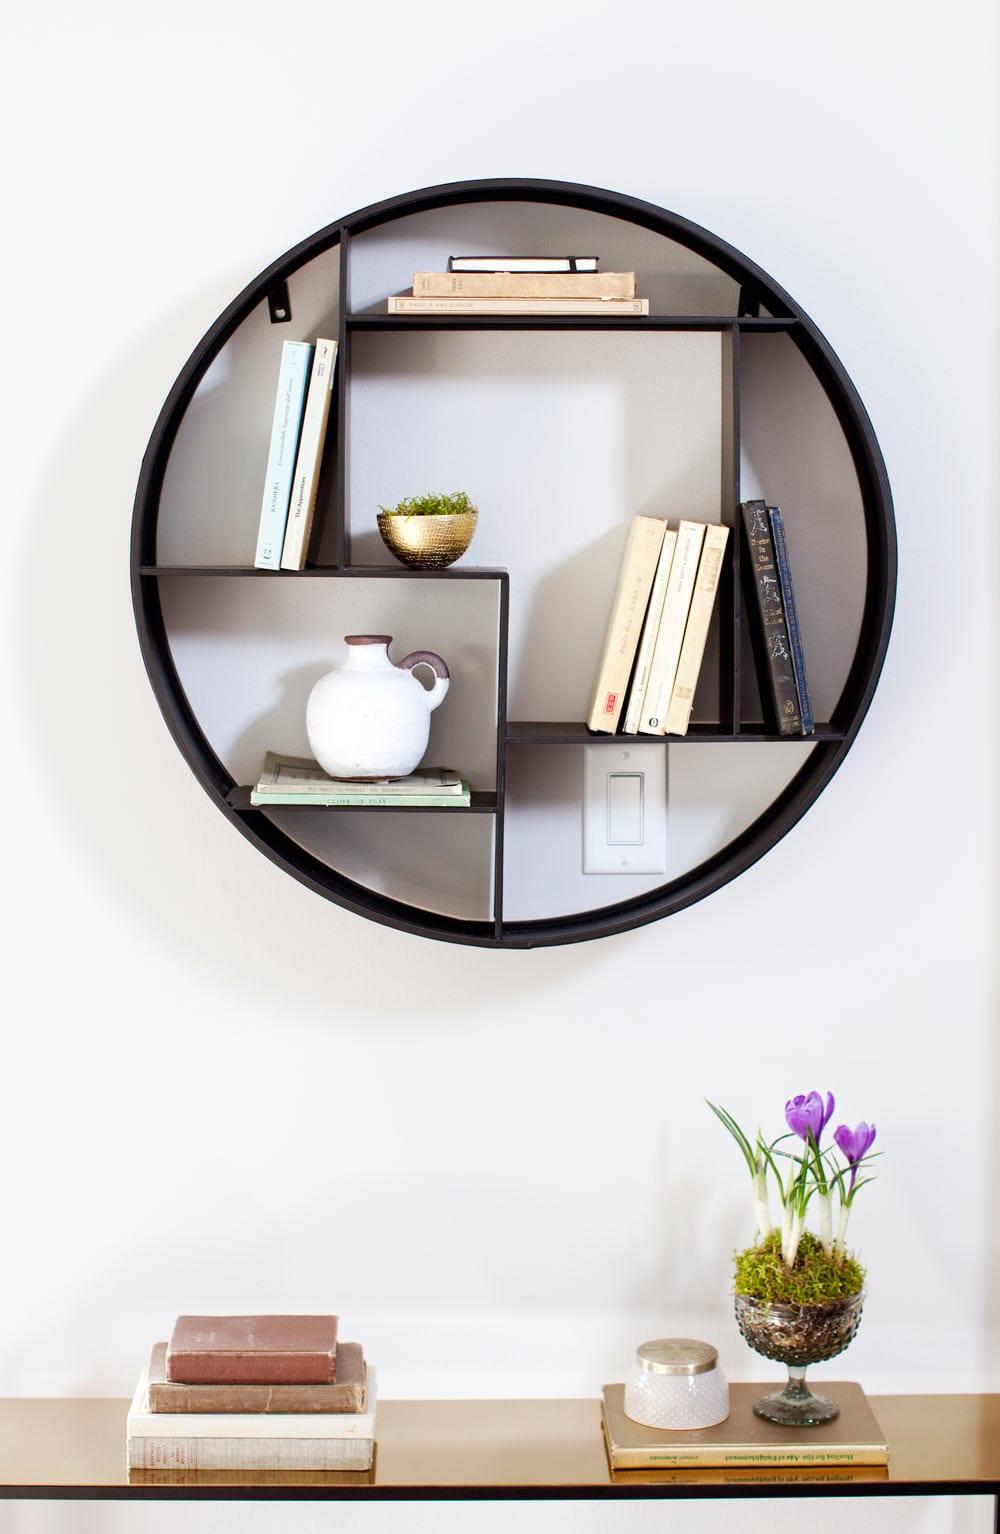 blog-lolv-ep4079-detail-living-room-3